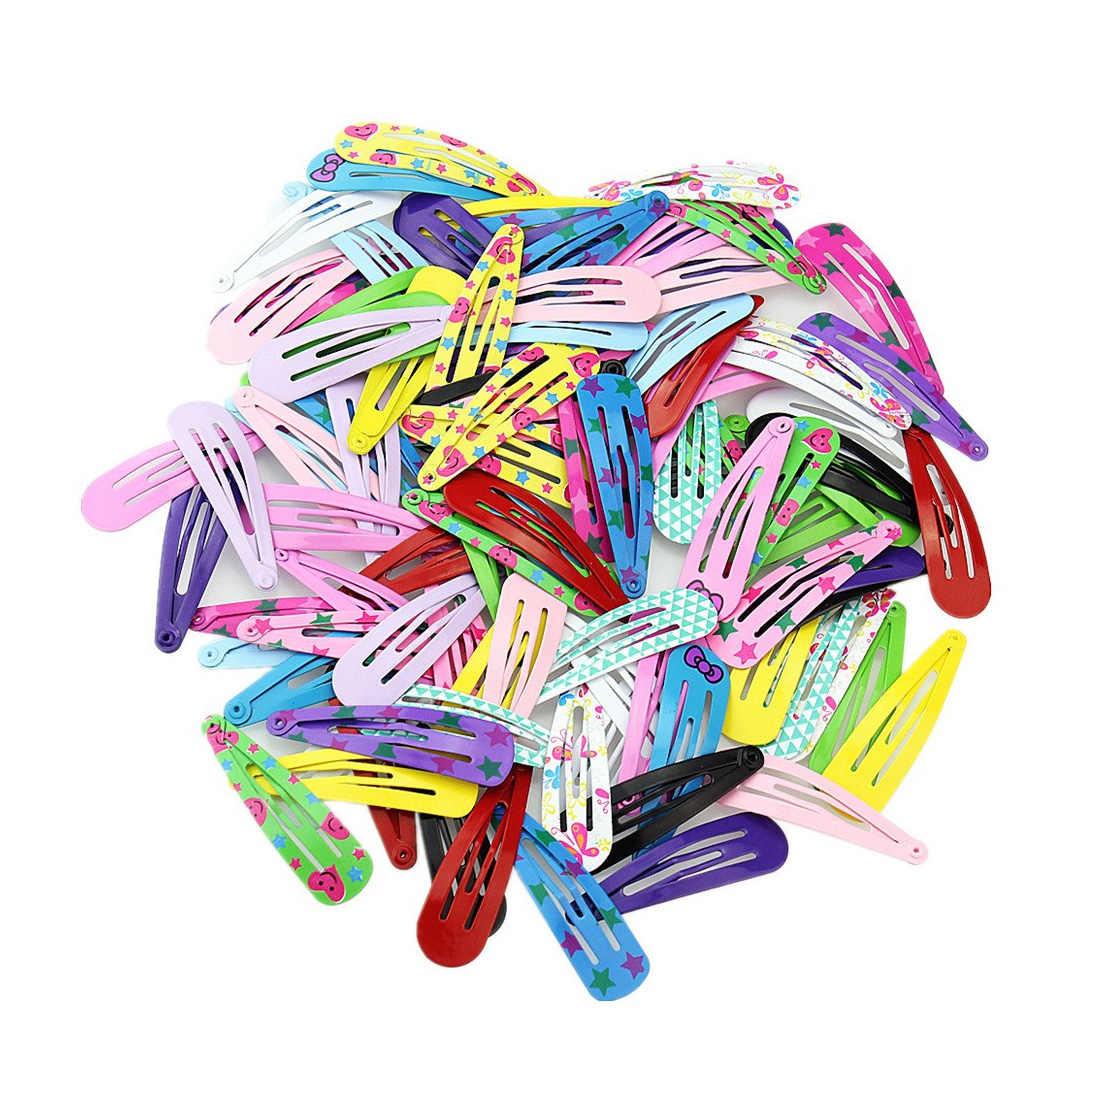 1 карта 10 шт. бант Детские заколки для волос малыши печать шпильки милые мини маленькие дети повязка с цветами аксессуары для волос